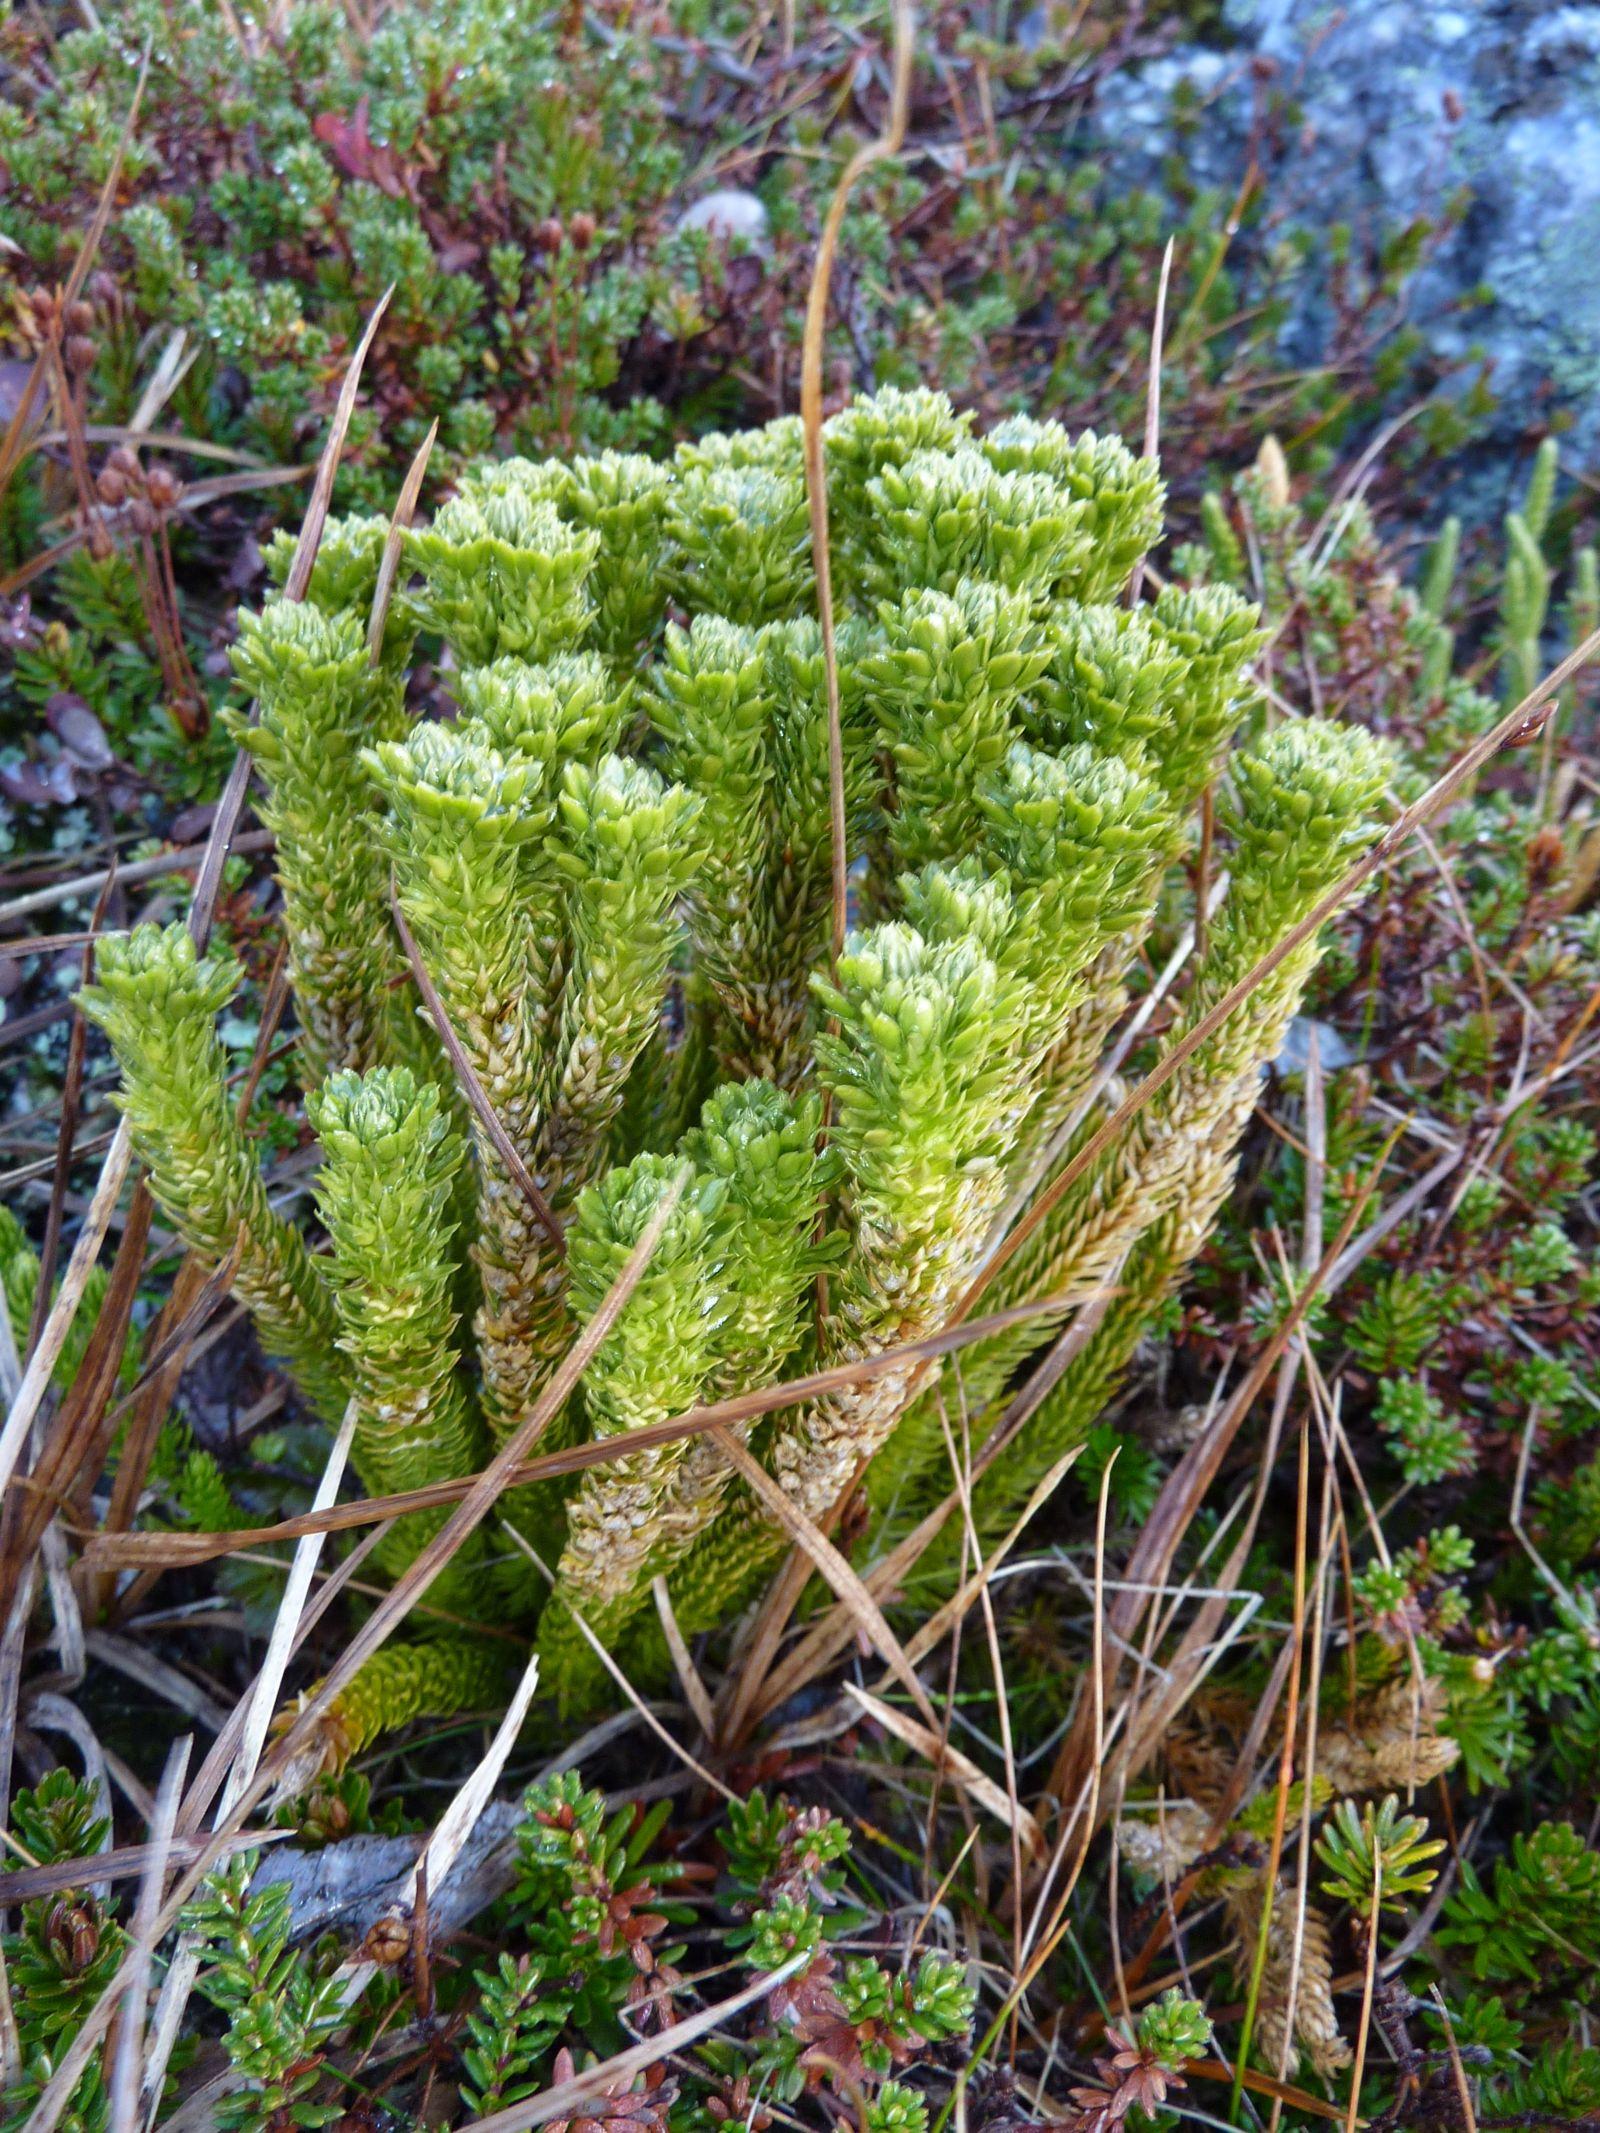 2010-10-06-1229_-_Vegetation